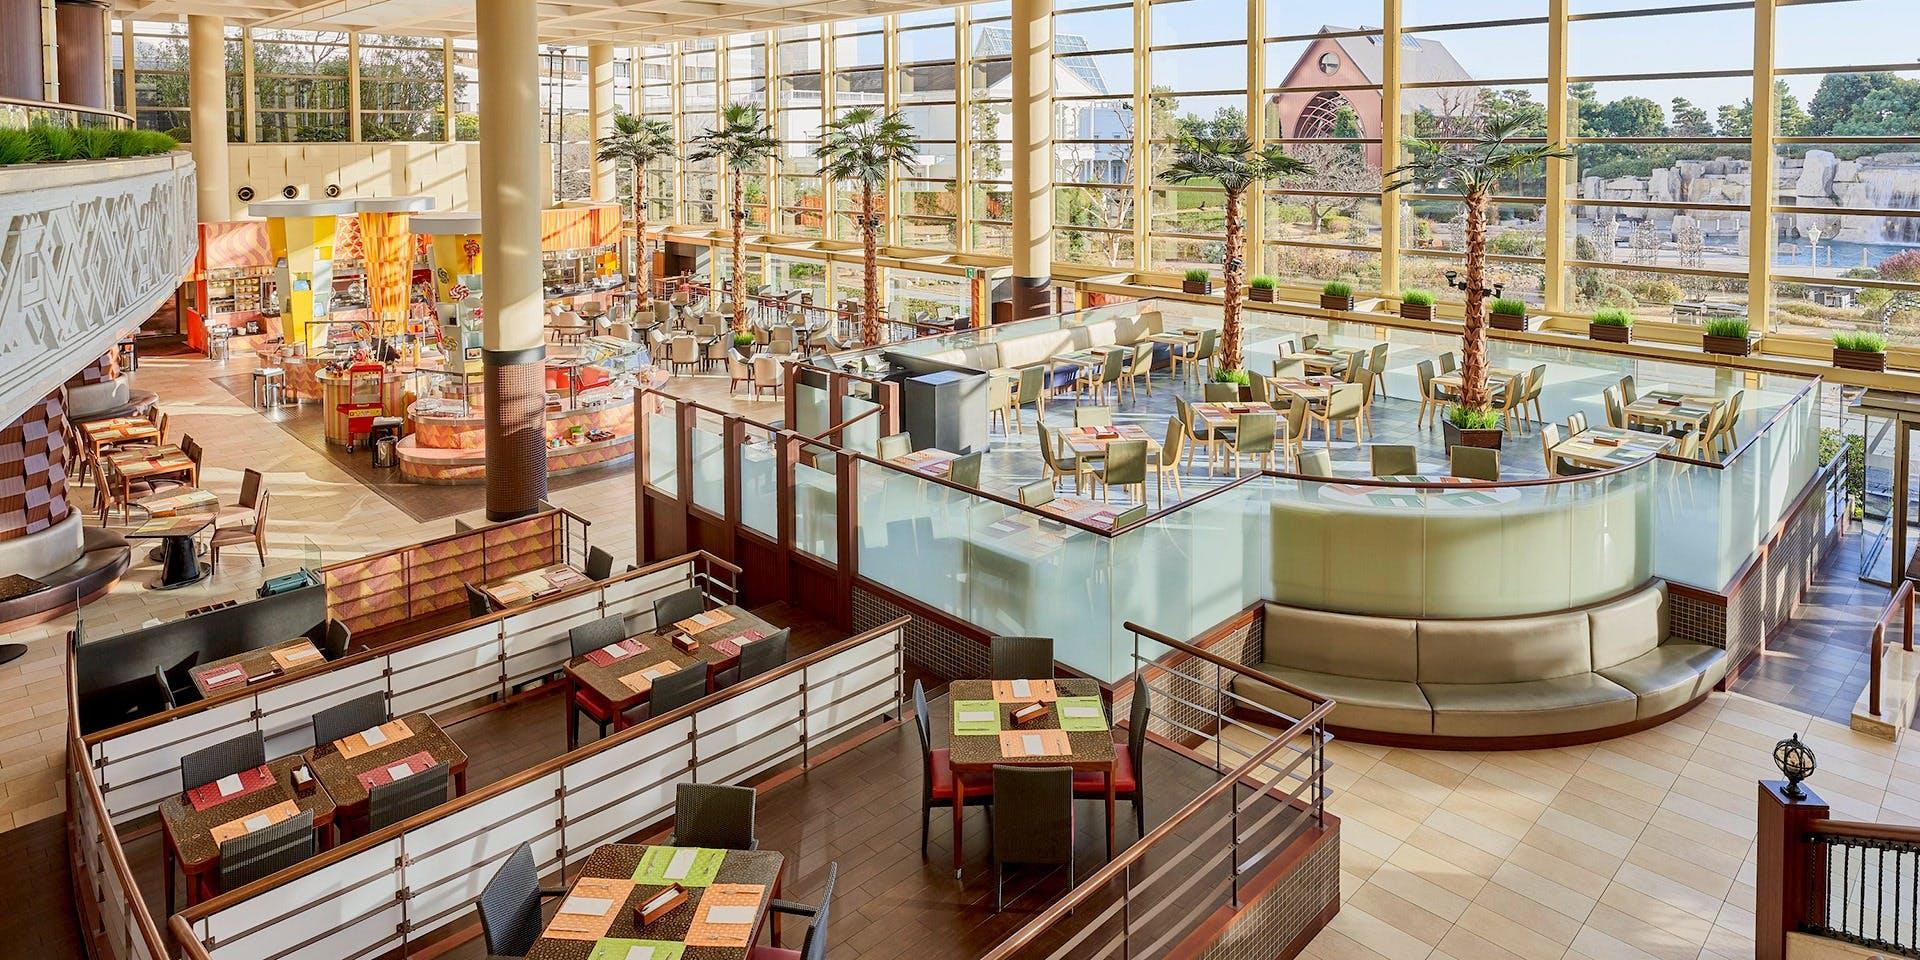 記念日におすすめのレストラン・ブッフェ・ダイニング グランカフェ/シェラトン・グランデ・トーキョーベイ・ホテルの写真2